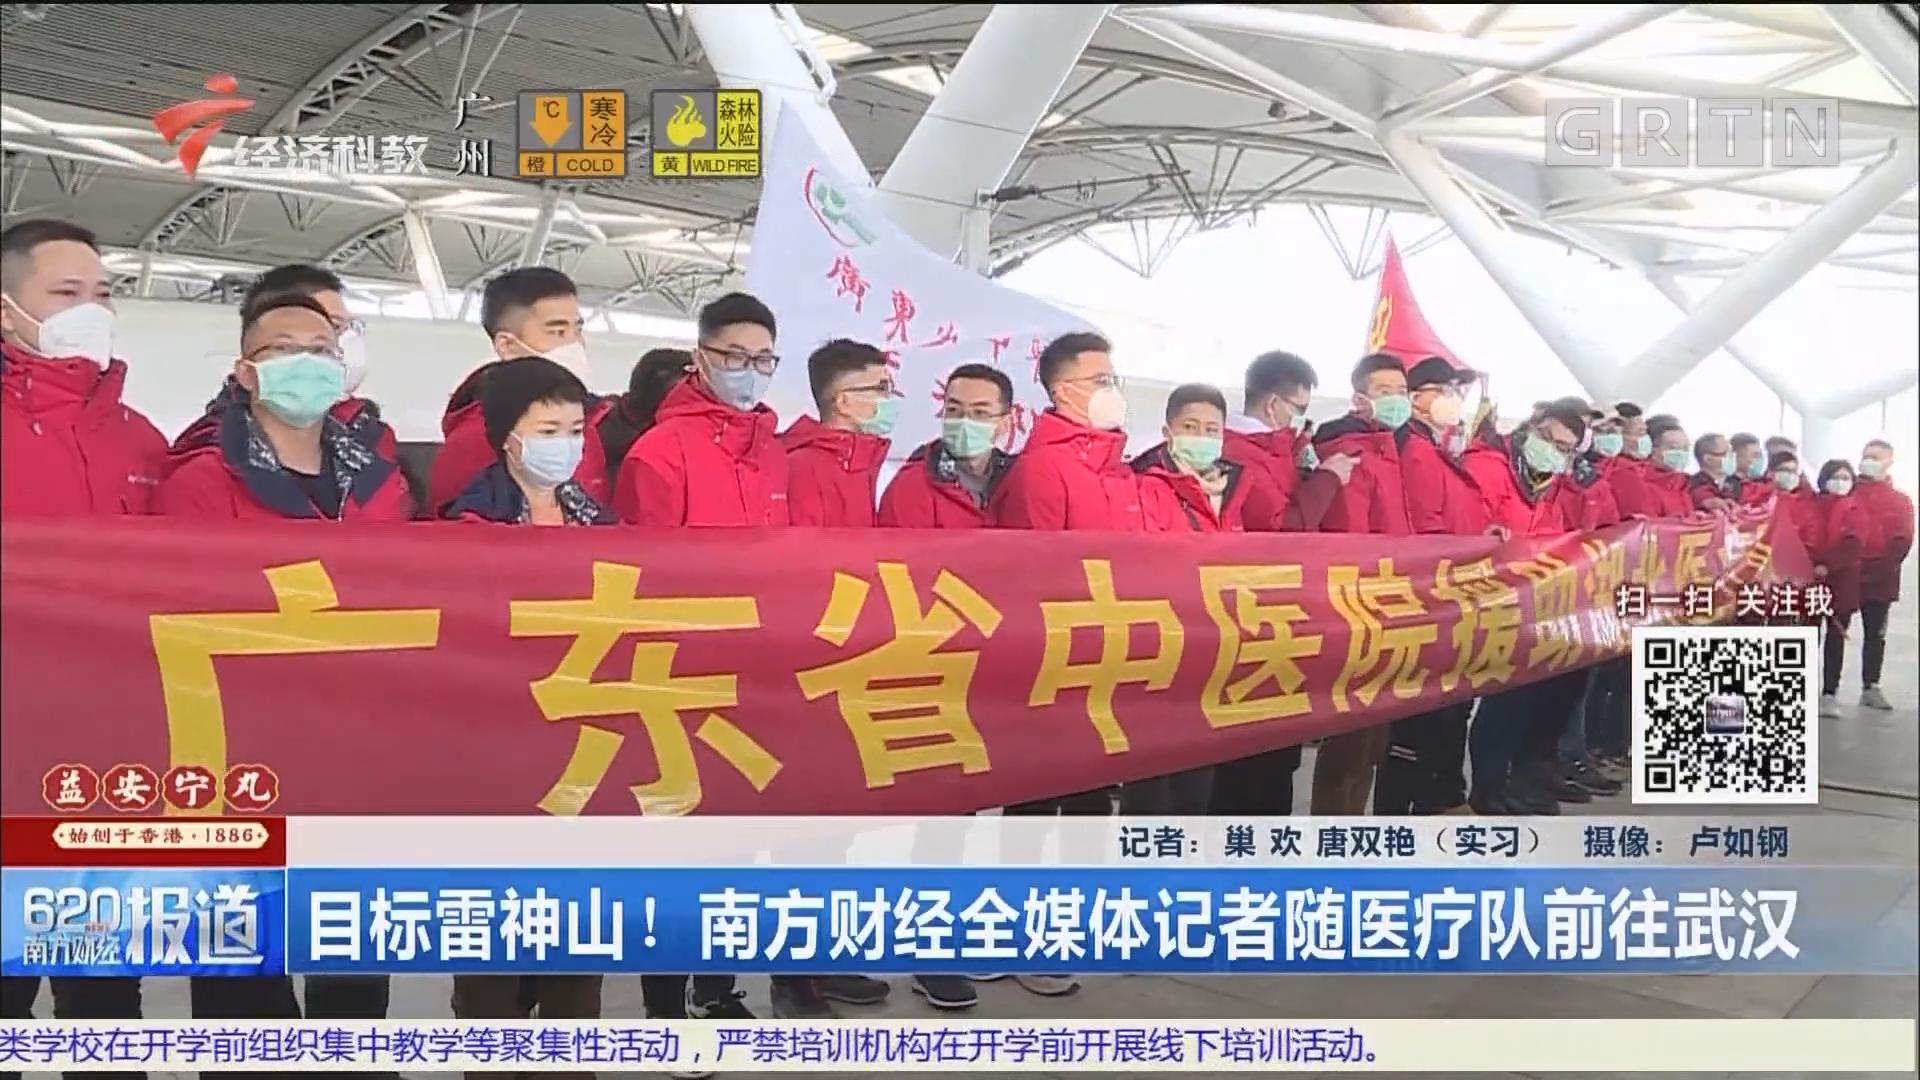 目標雷神山!南方財經全媒體記者隨醫療隊前往武漢